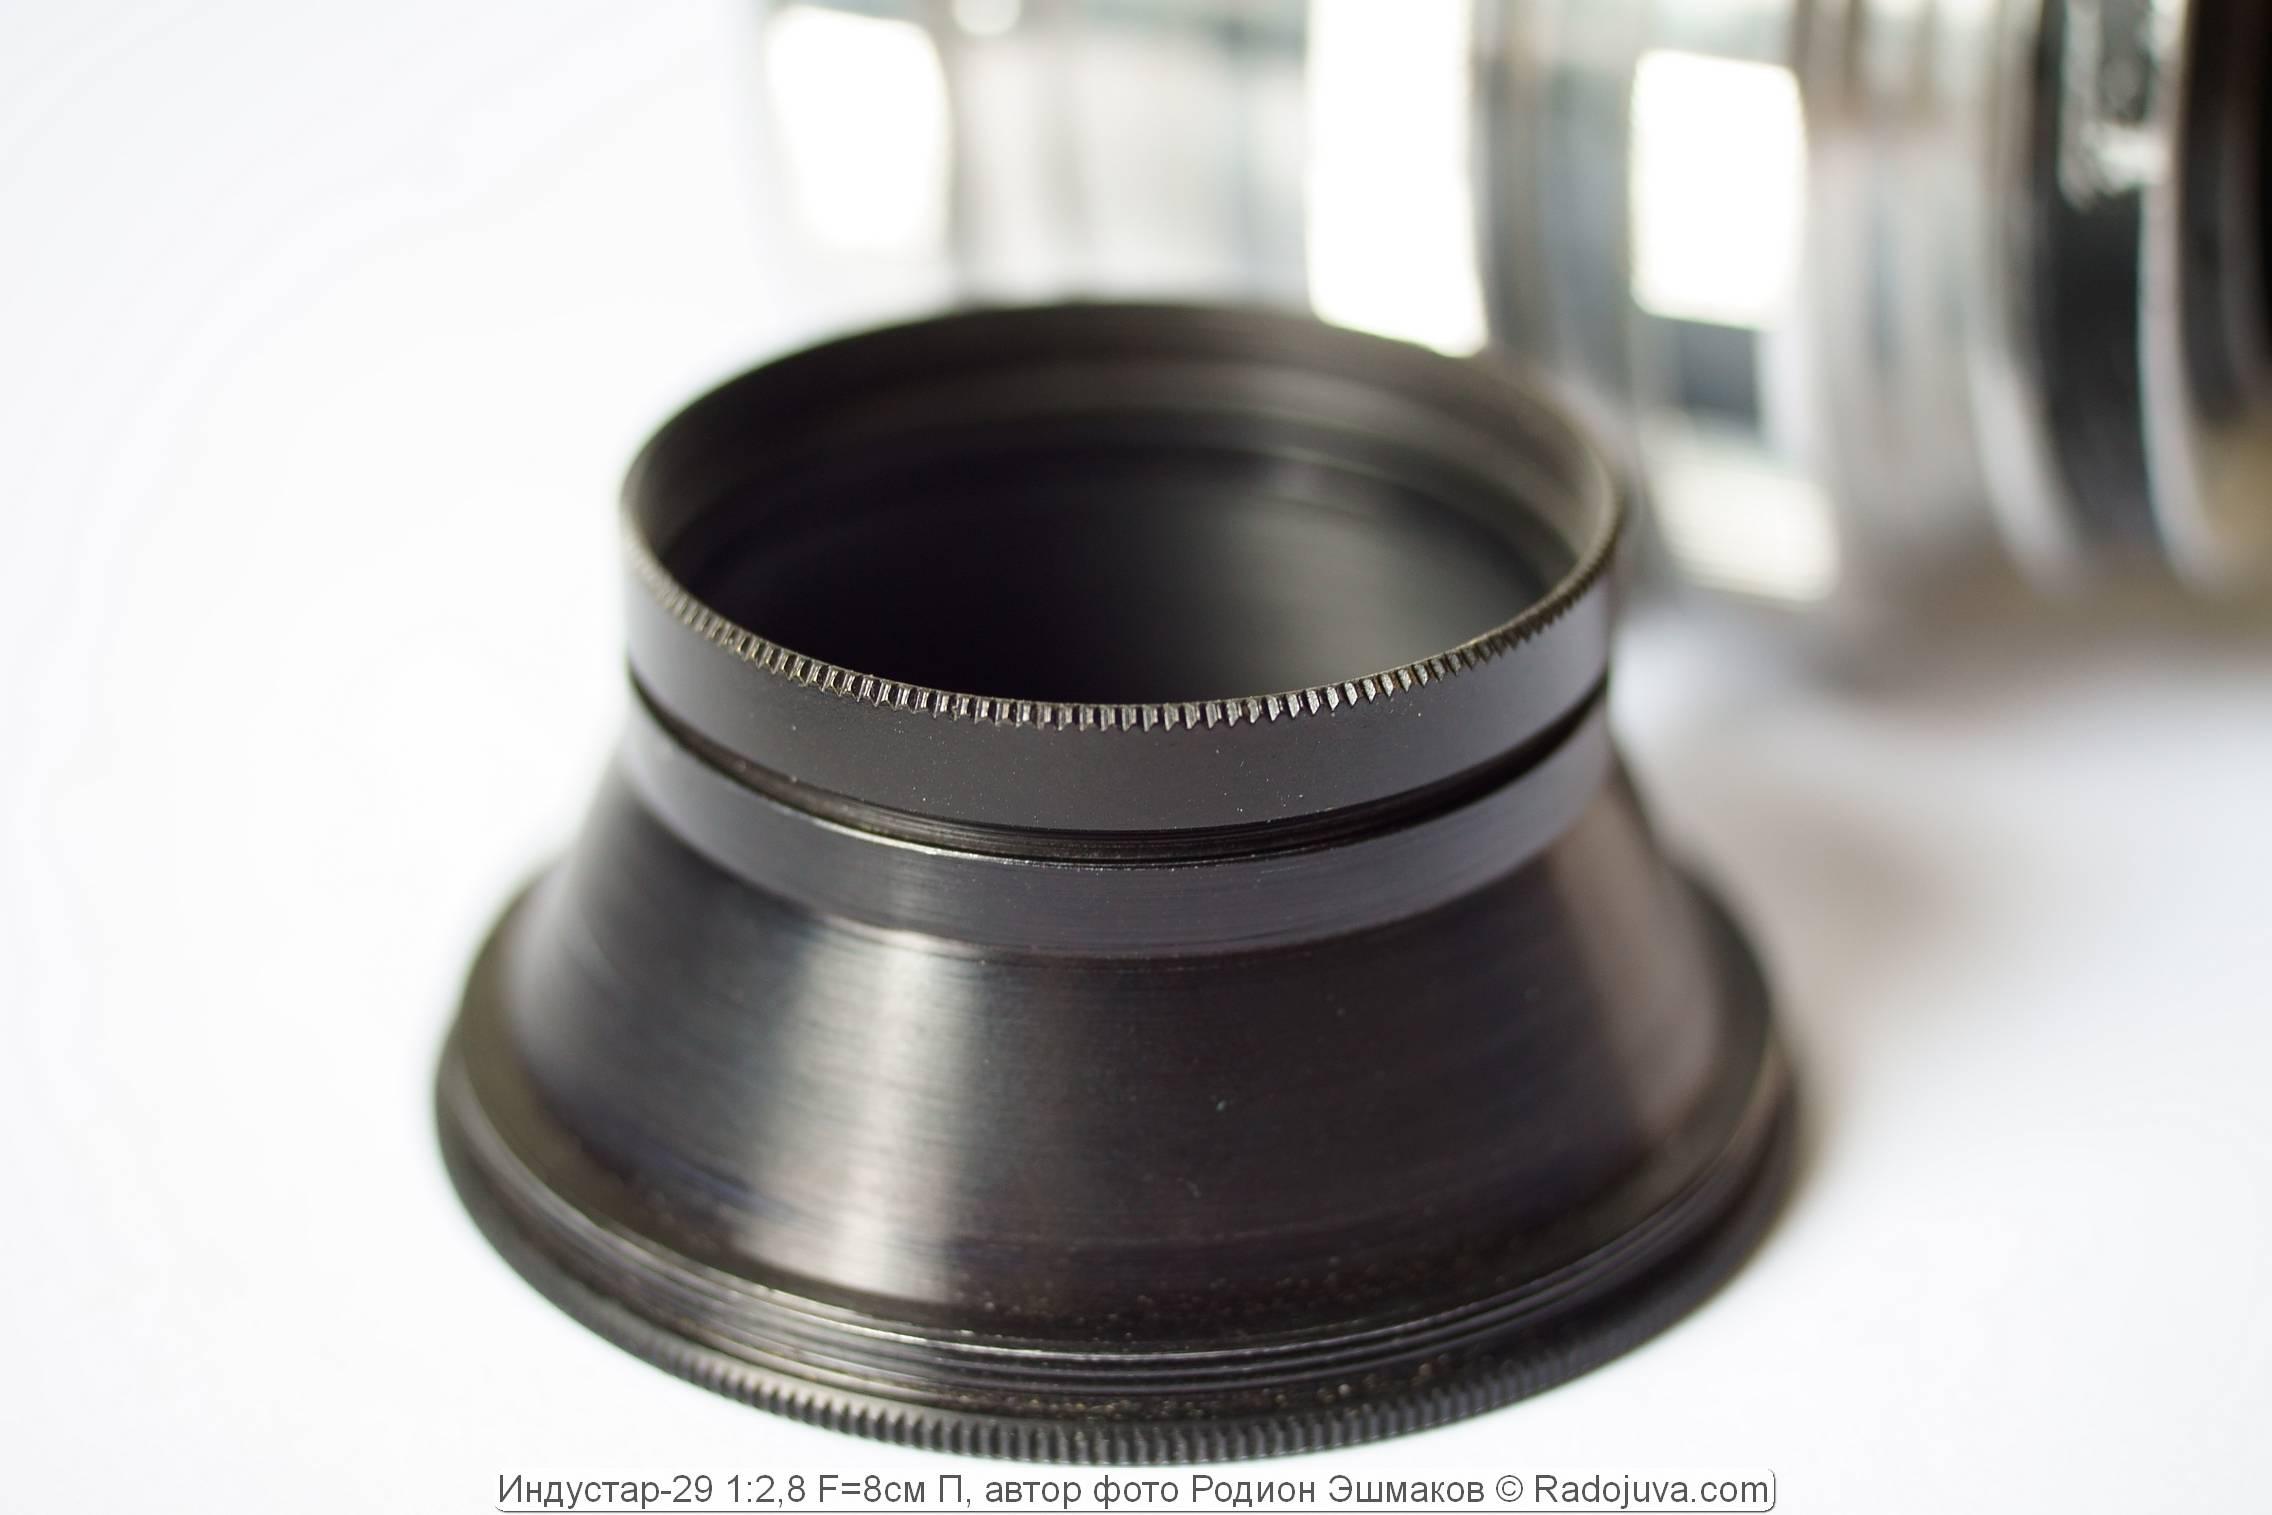 Приспособление для использования фильтров 40.5 мм со вкрученной оправой светофильтра.